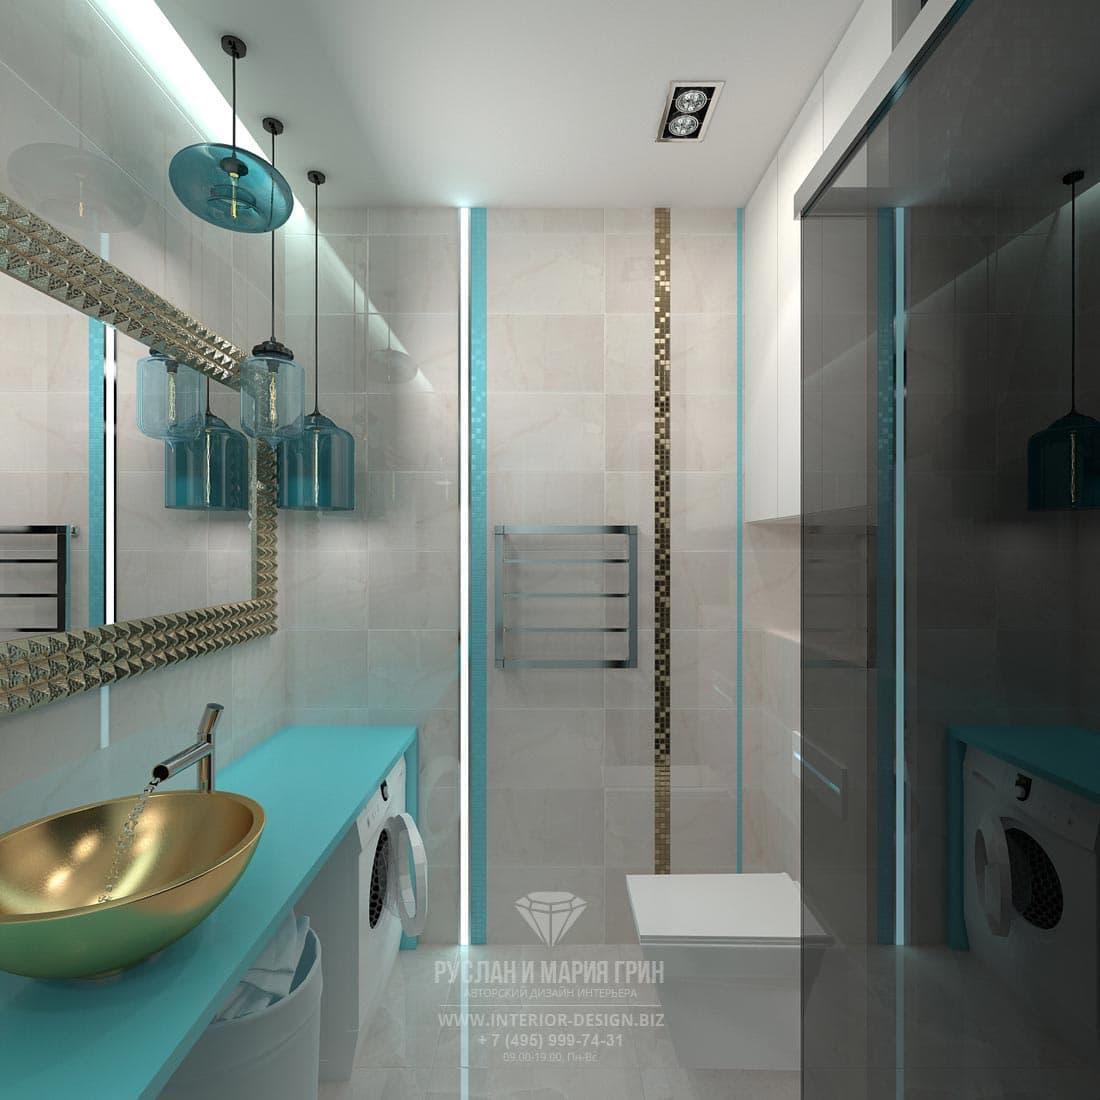 Дизайн современного санузла. Фото 2017